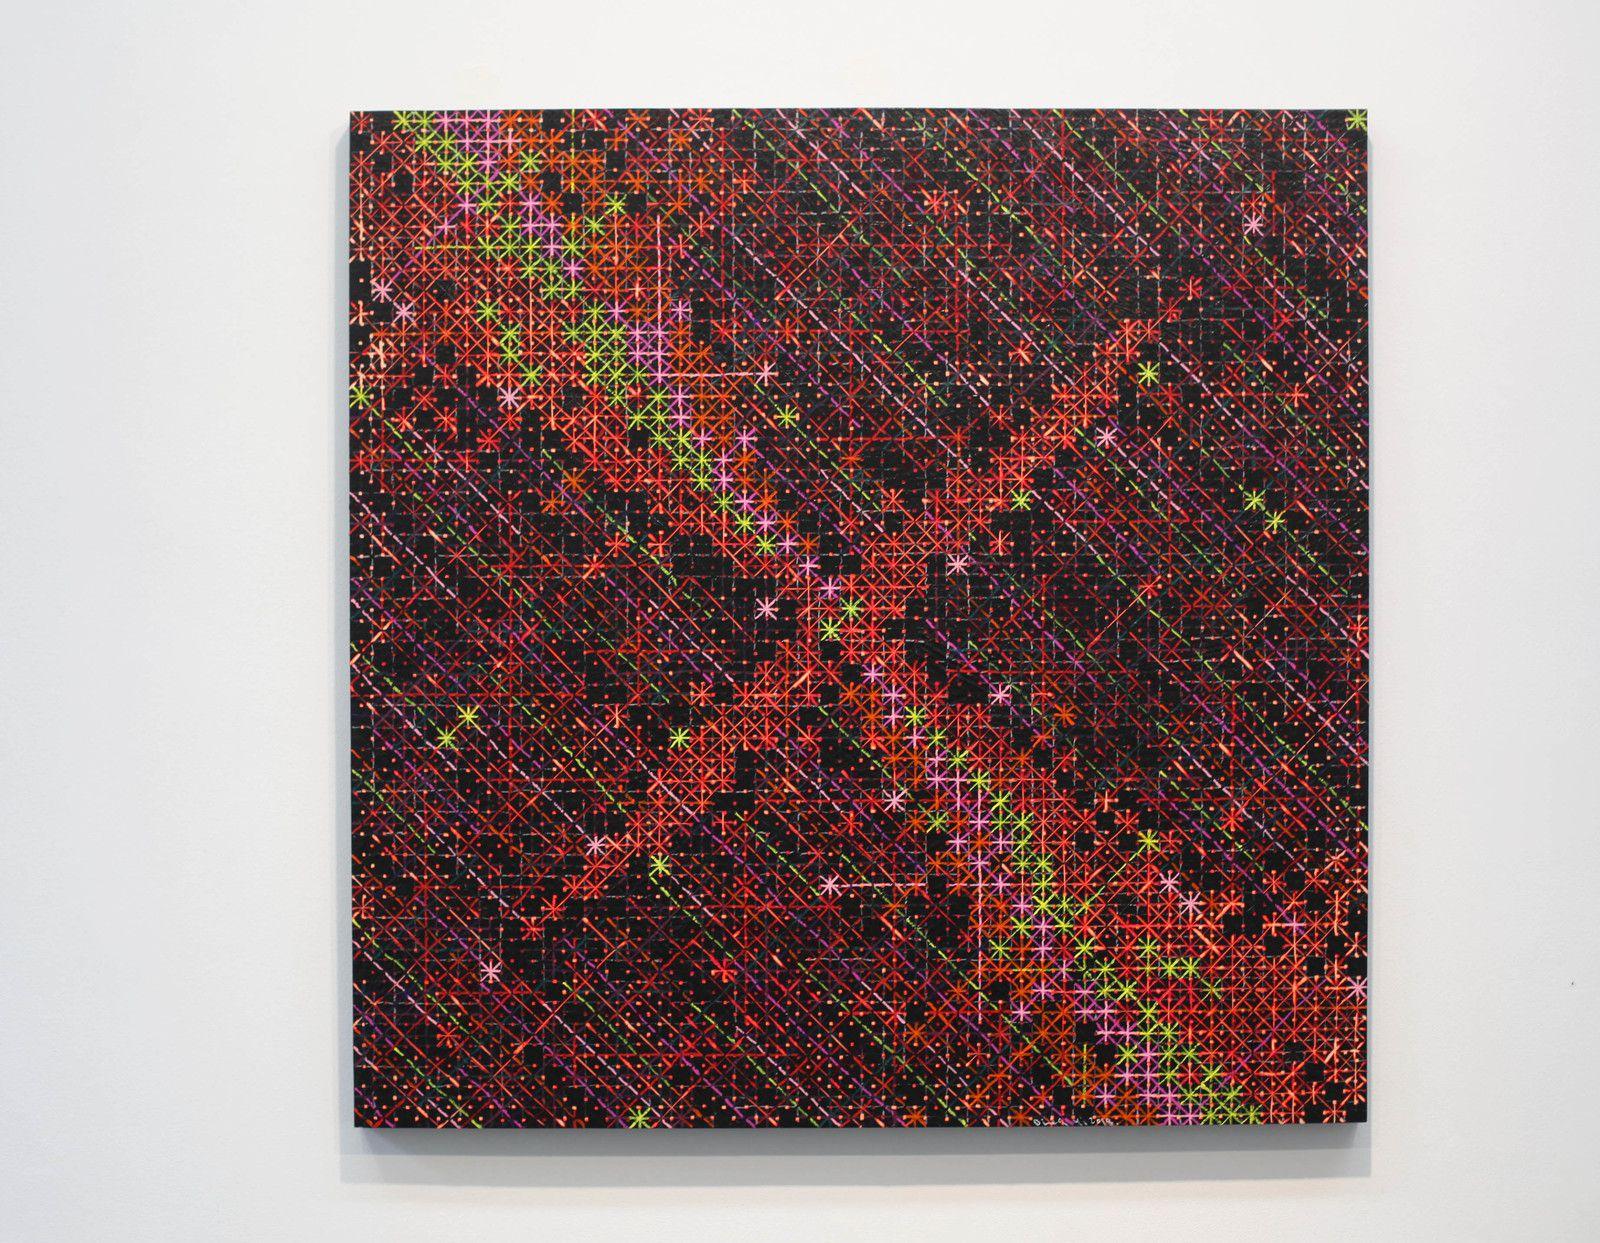 """""""Appearance of Crosses 2018-10"""", 2018 de Ding YI - Courtesy de l'artiste et de la Galerie  Karsten GREVE PARIS © Photo Éric Simon"""